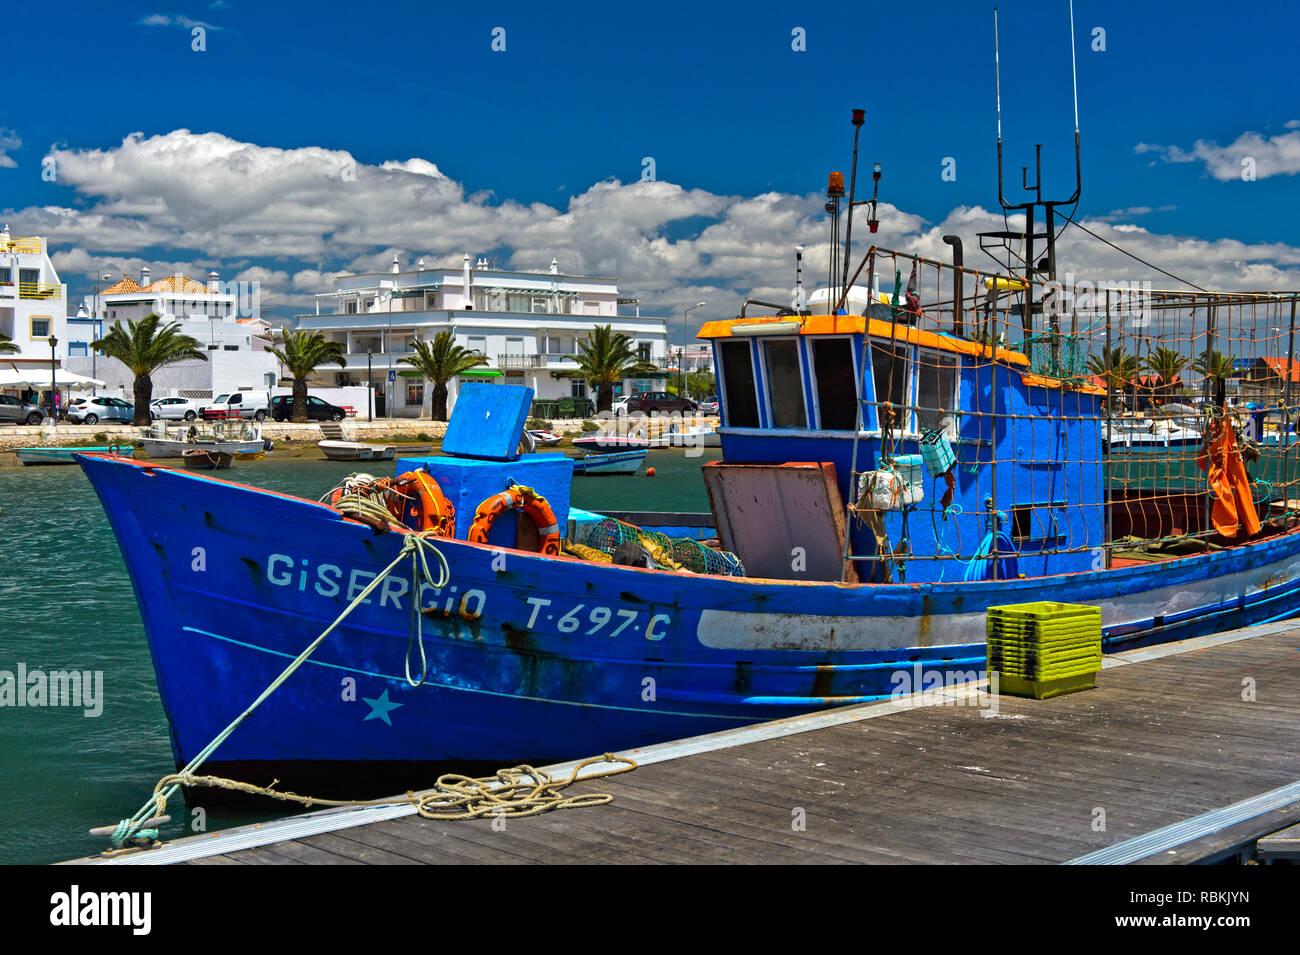 Fishing vessel in the harbour of Santa Luzia, Algarve, Portugal Stock Photo